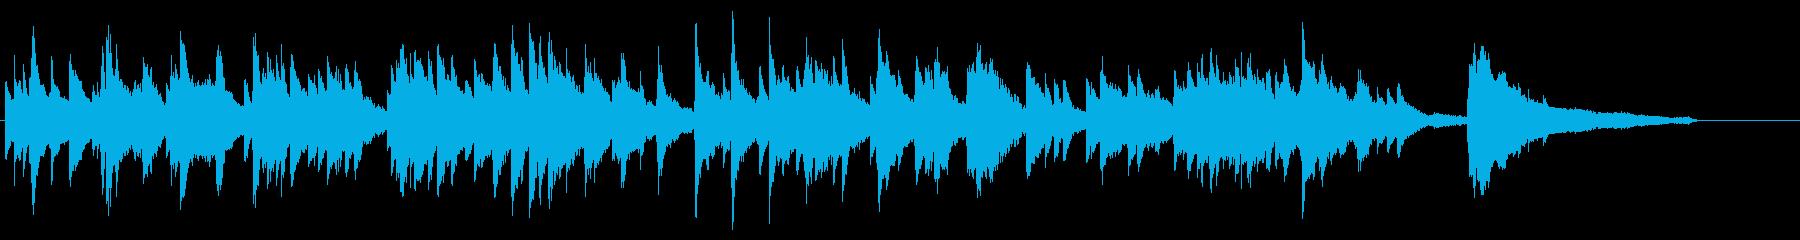 優しく感傷的なピアノ・ソロの再生済みの波形